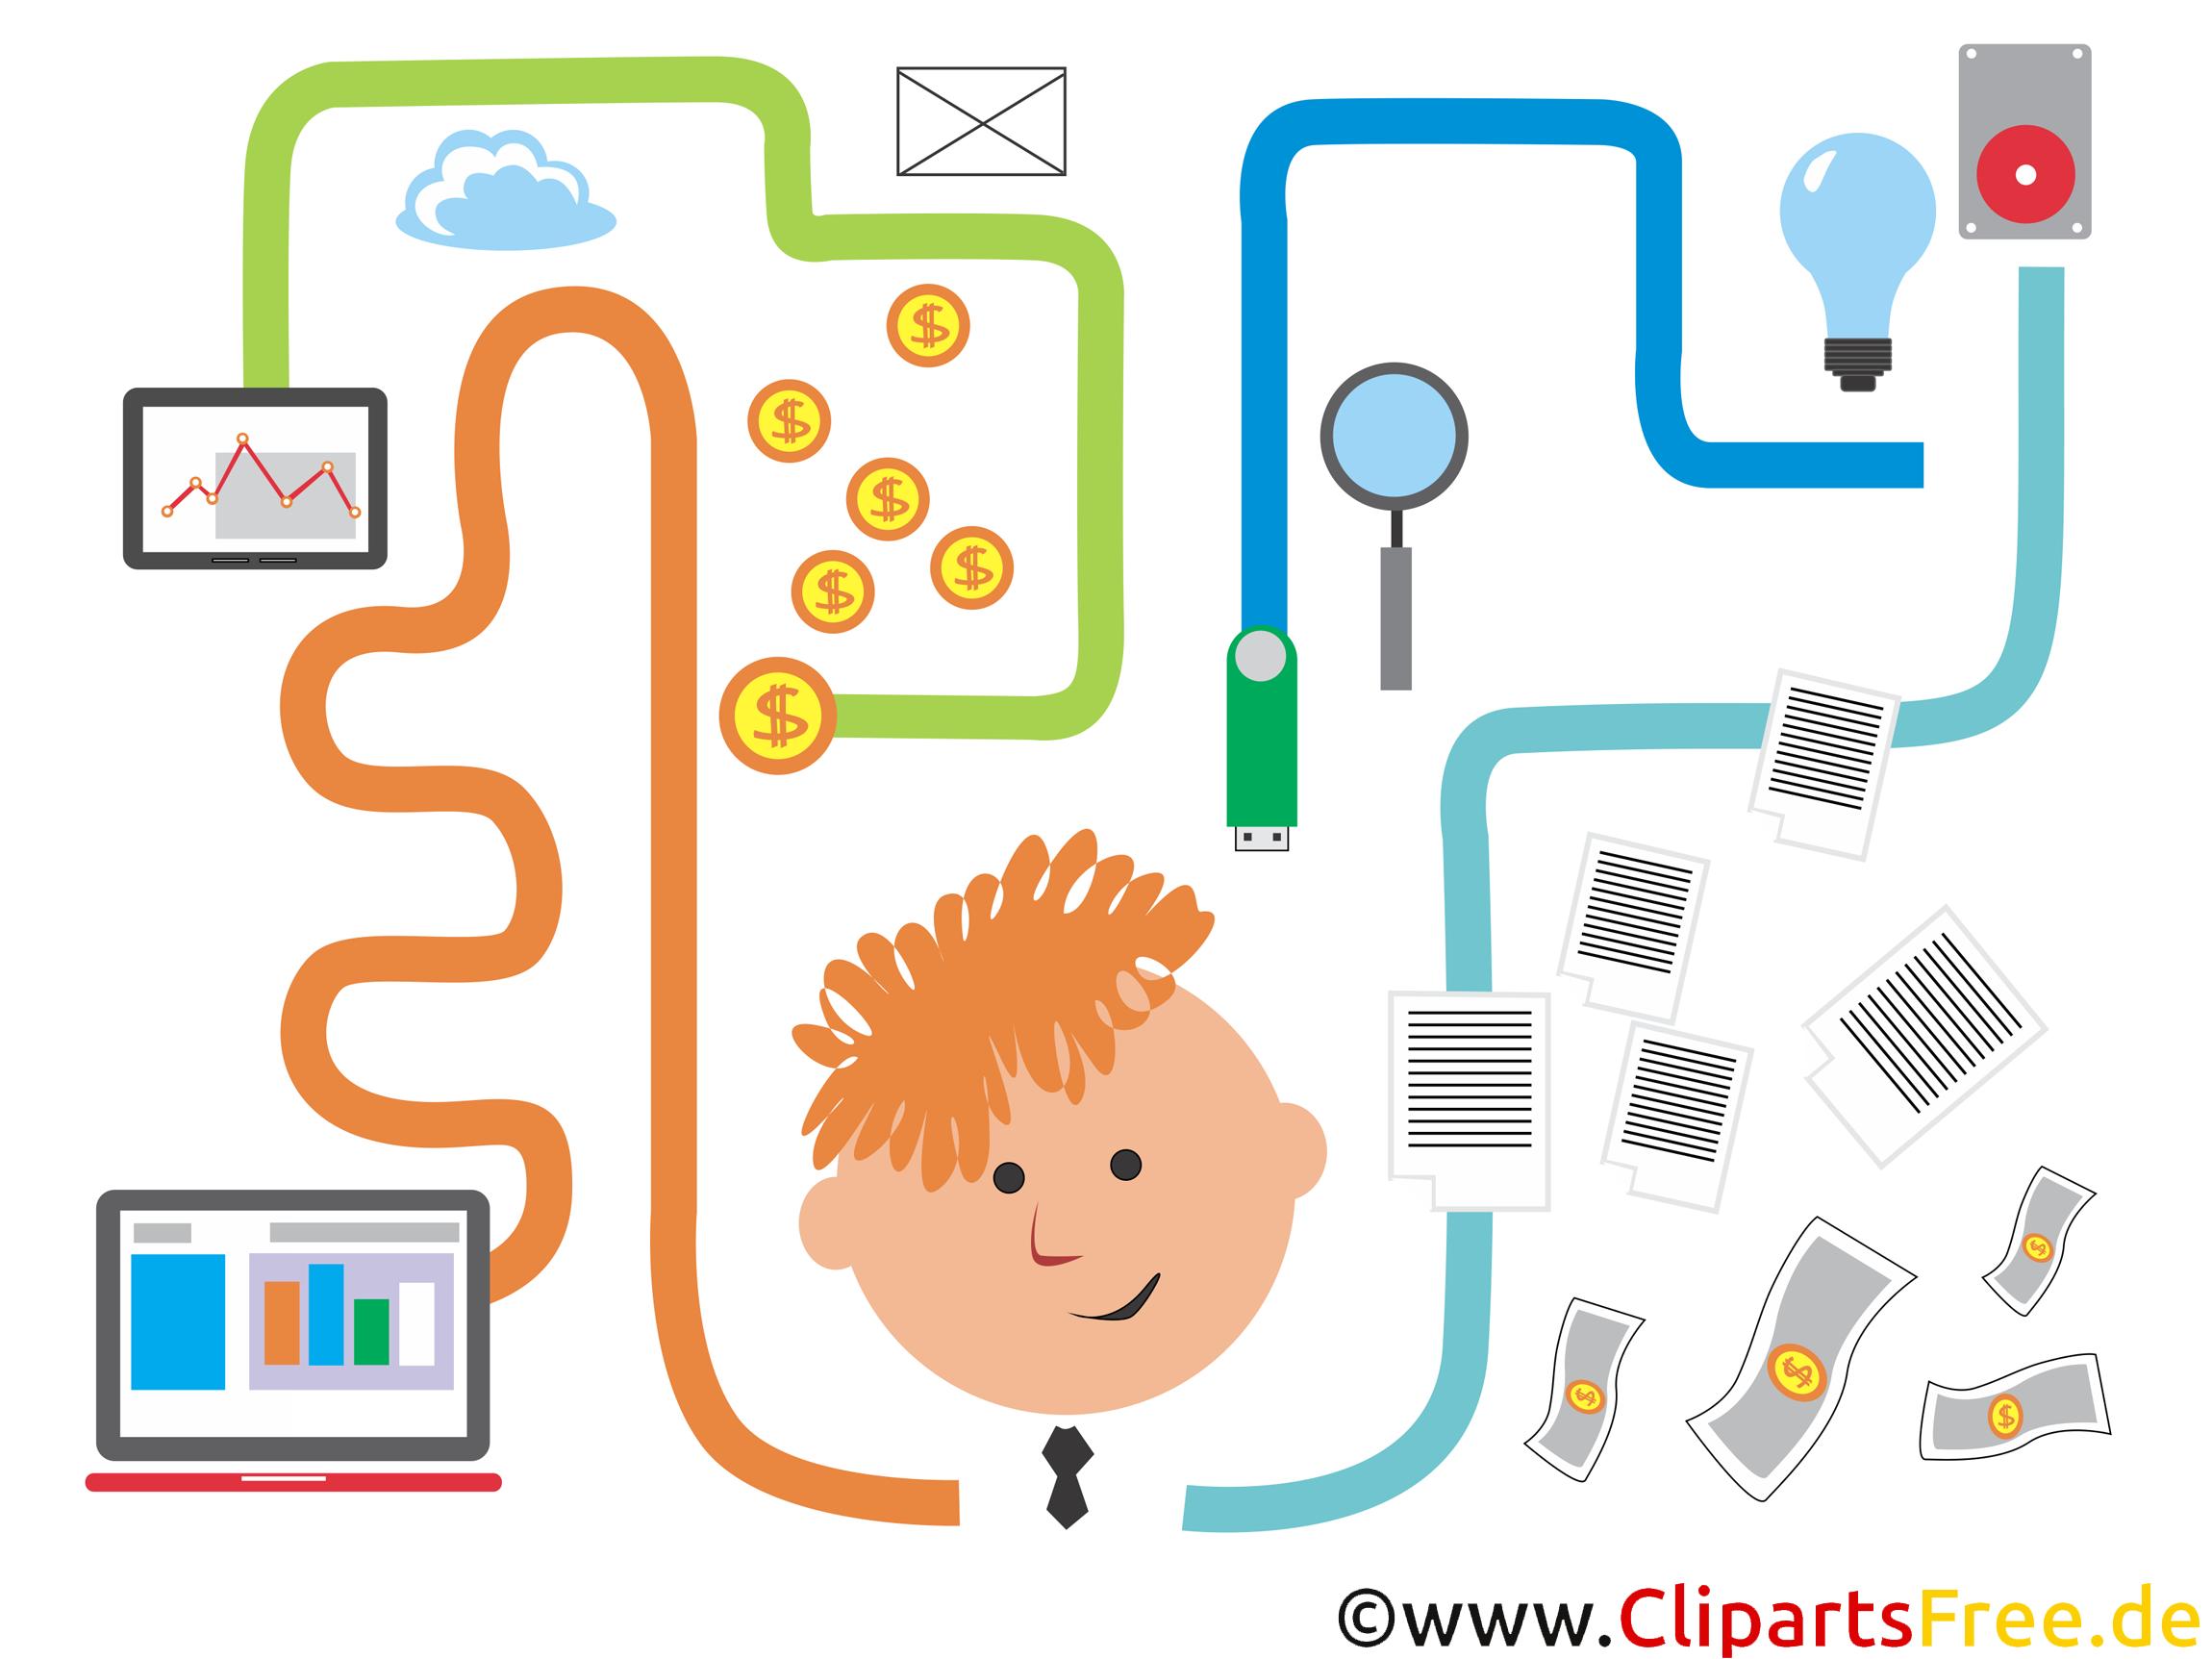 Clipart-Bild Fintech-Apps, Smartphone, Handy